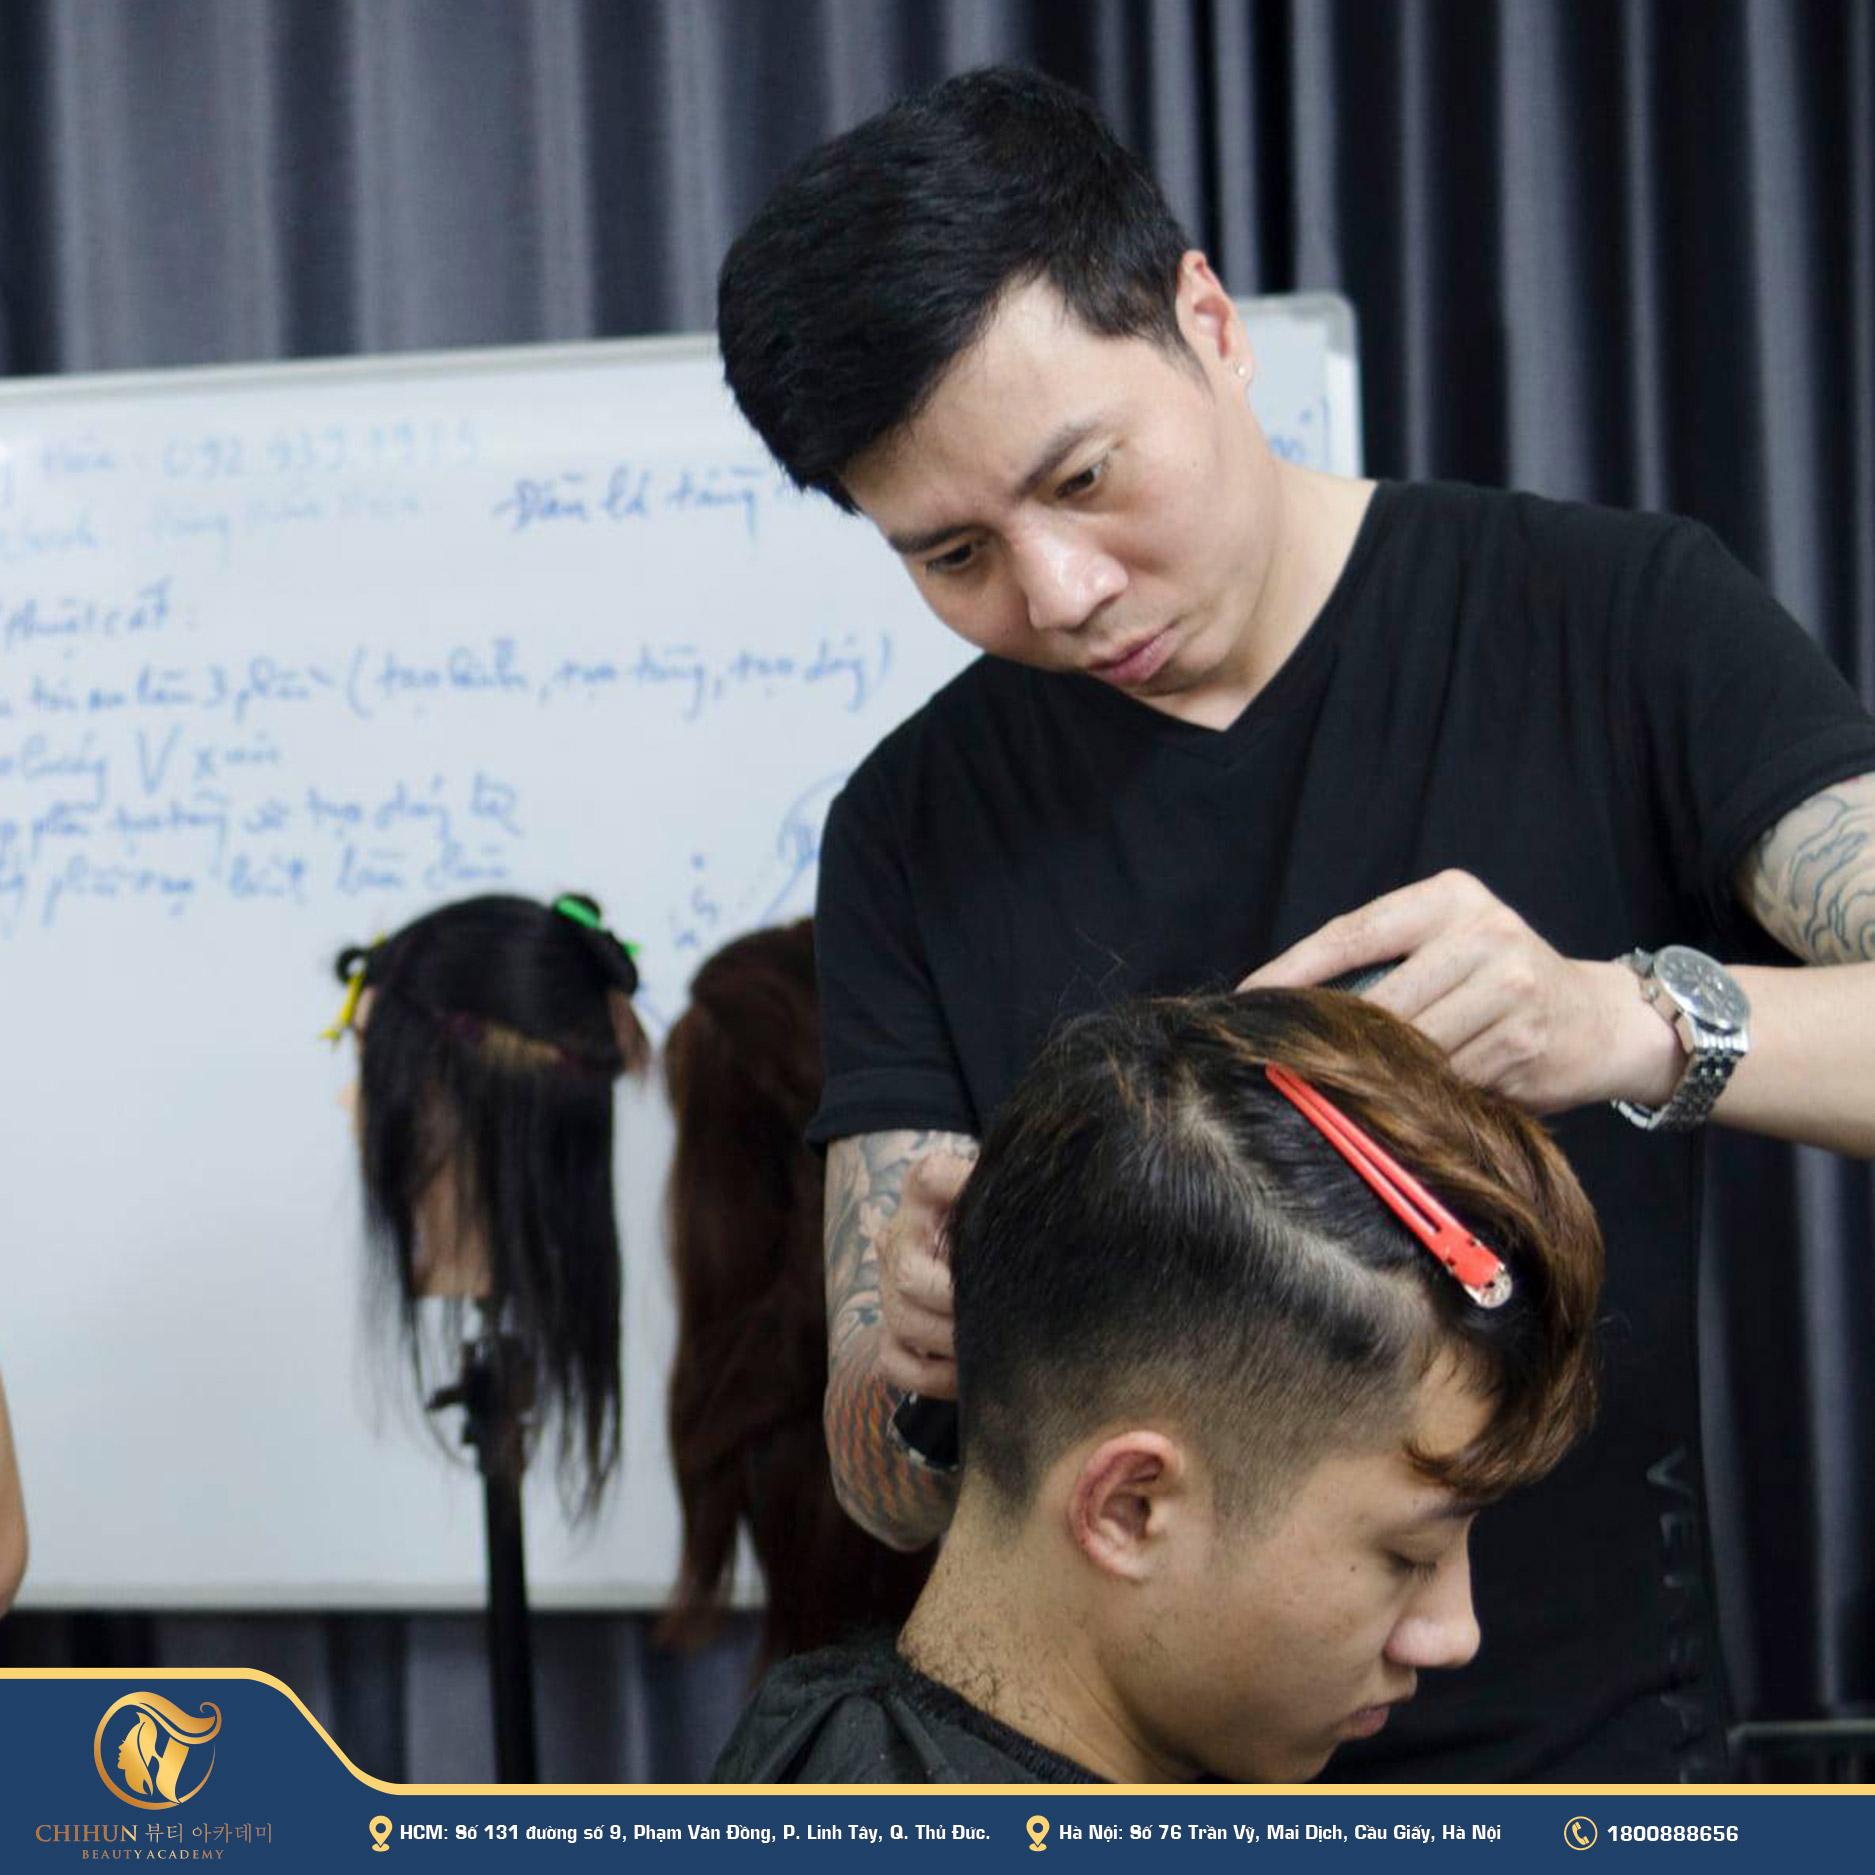 khoá học cắt tóc chihun-02